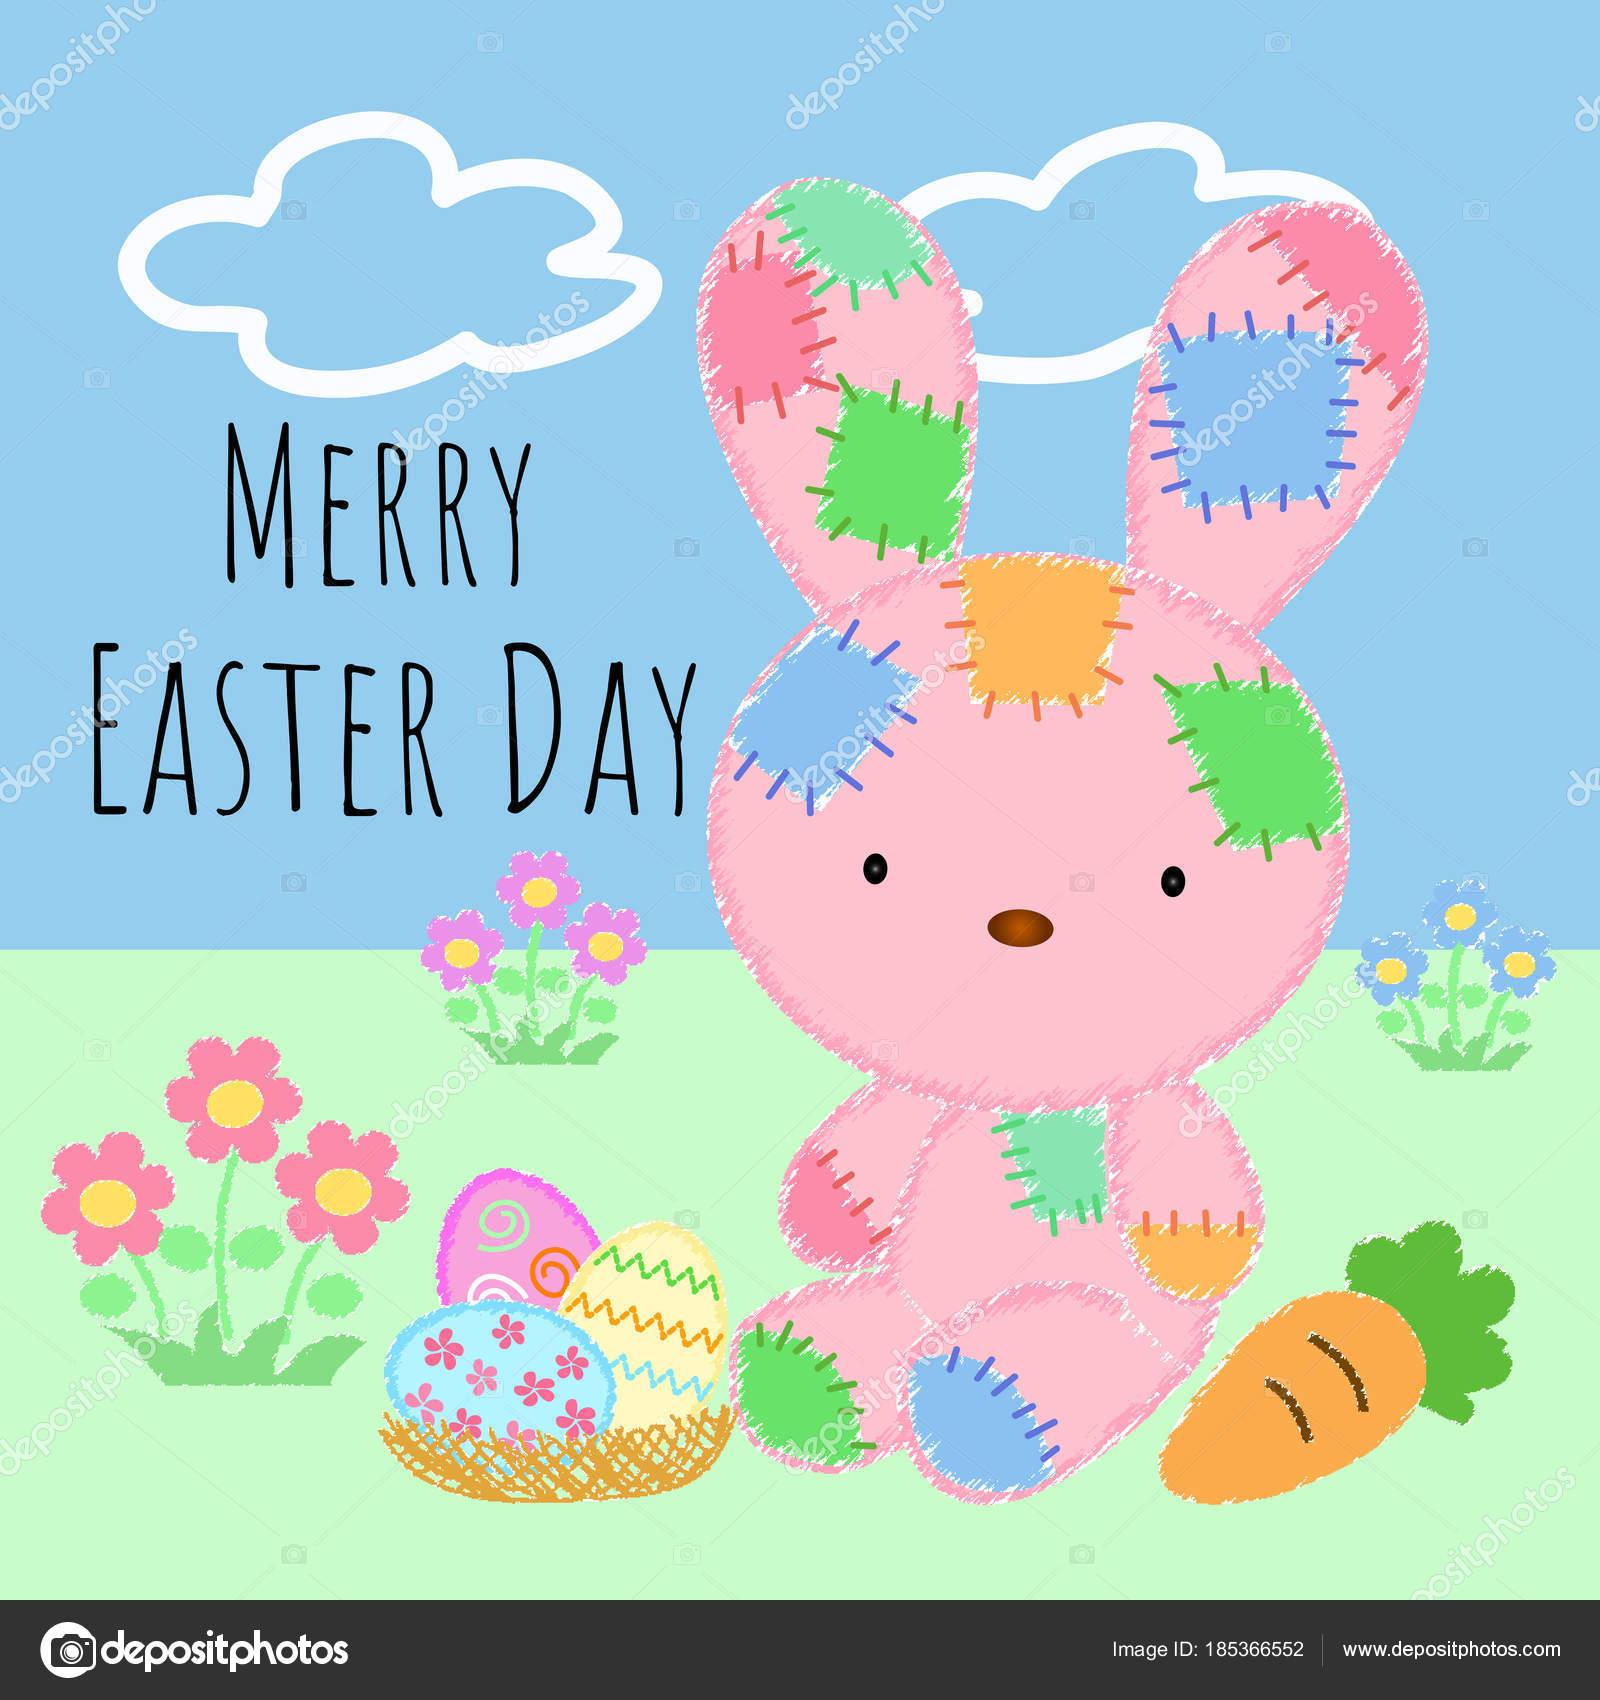 Imágenes Hermoso Dia Hermoso Día Pascua Con Conejo Bonito